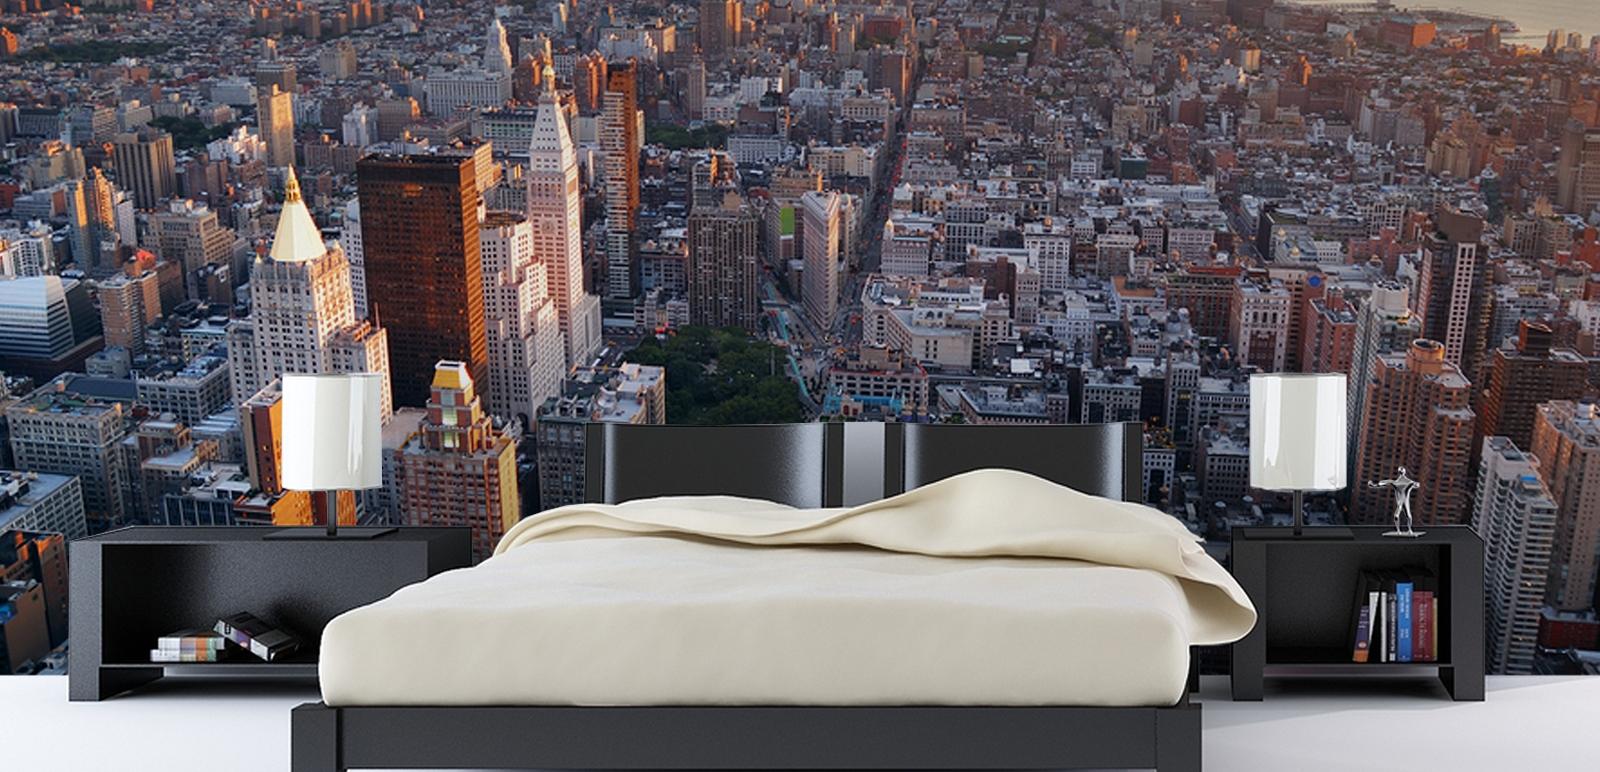 bedroom city wallpaper